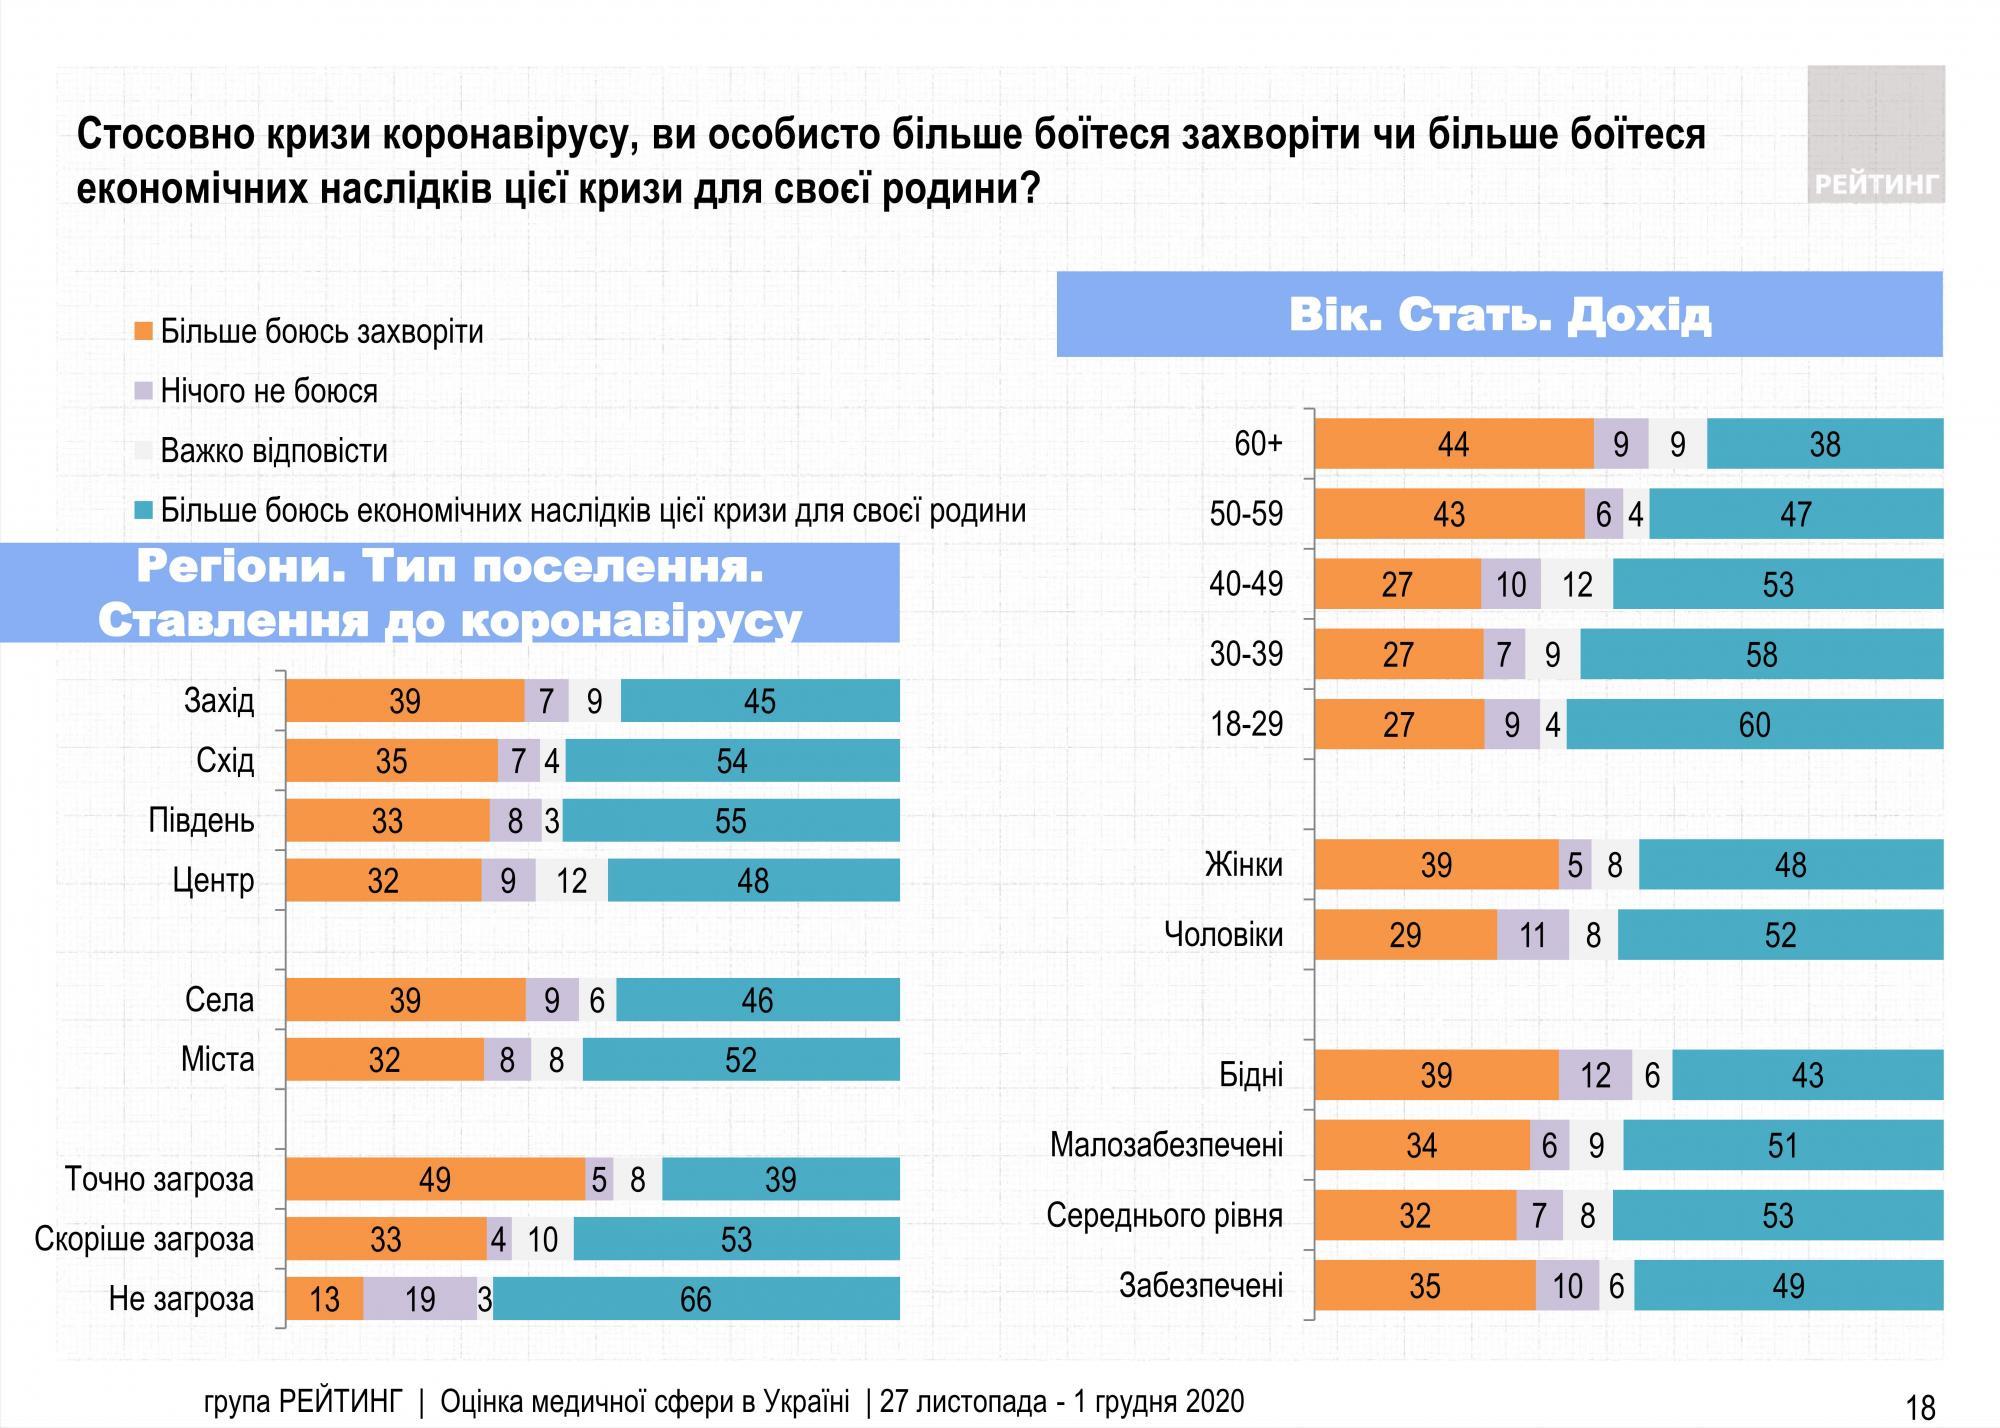 Украинцы больше боятся экономических последствий коронакризиса, чем коронавируса